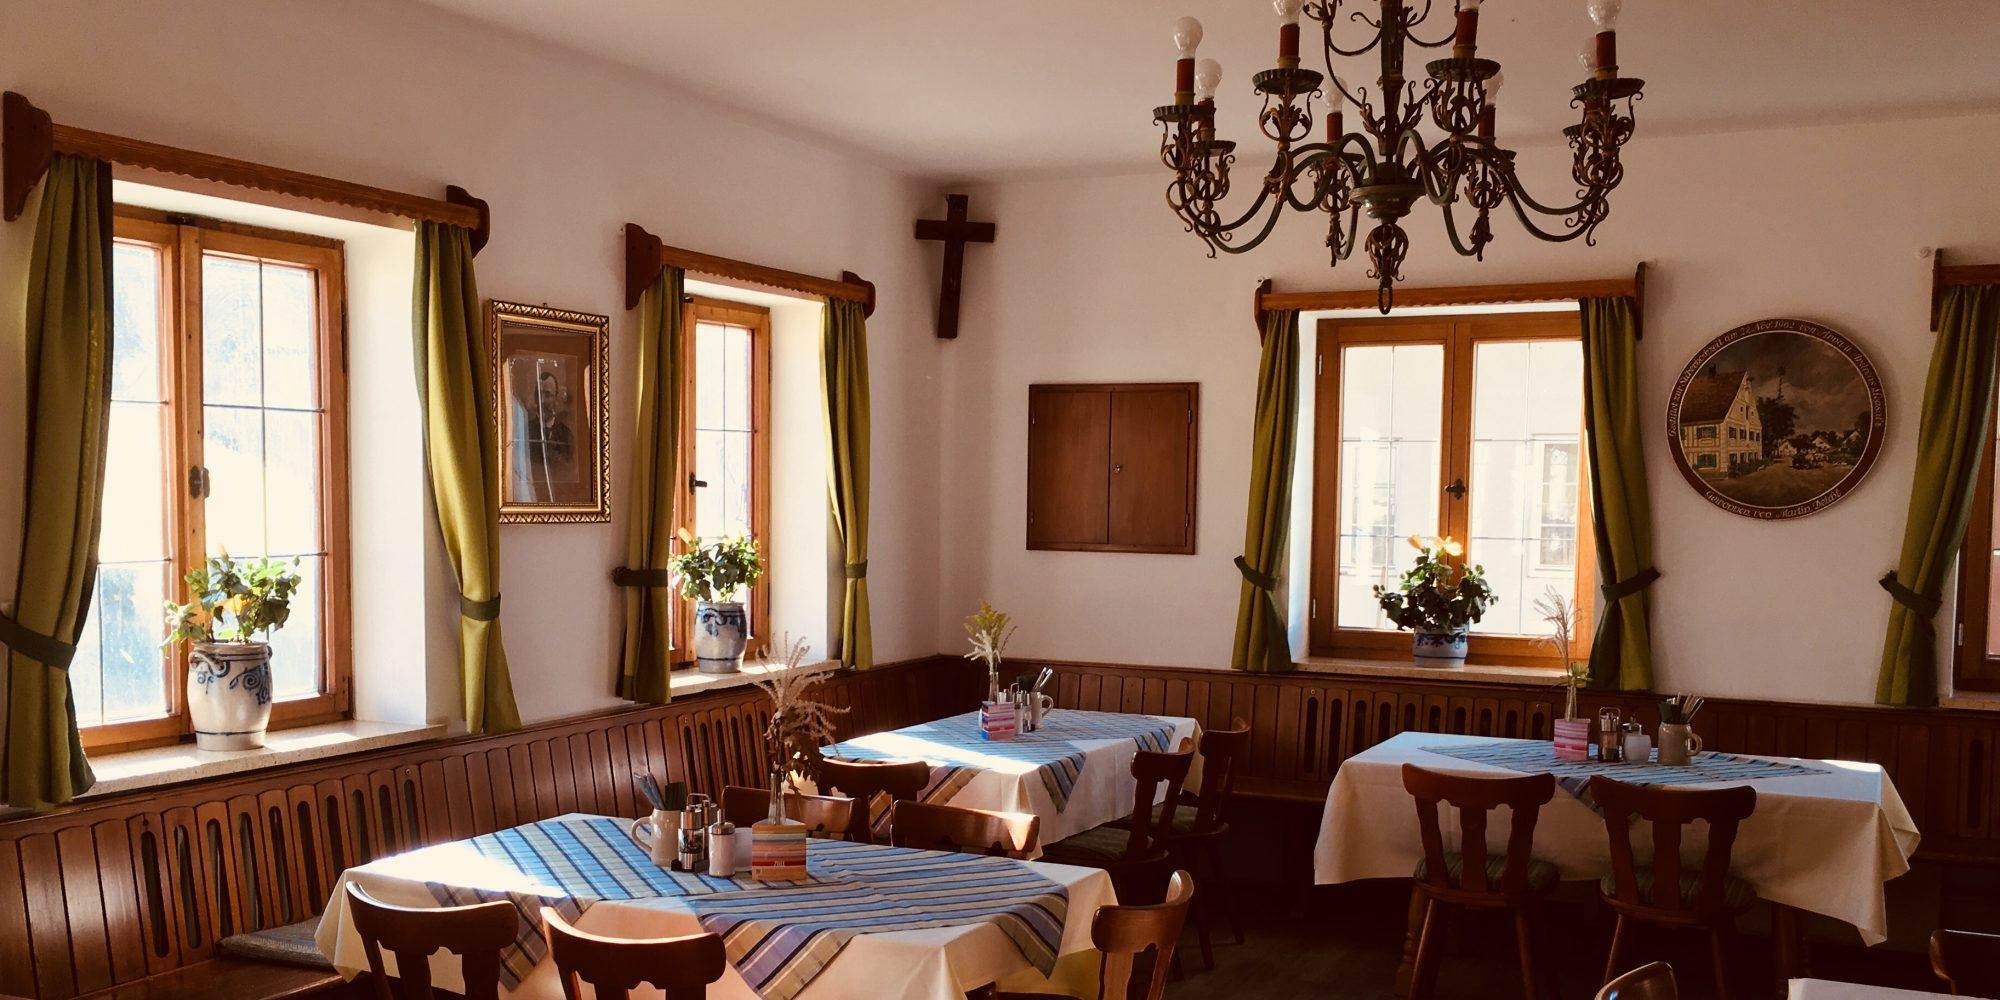 Gaststube Wirtshaus Oberbachern